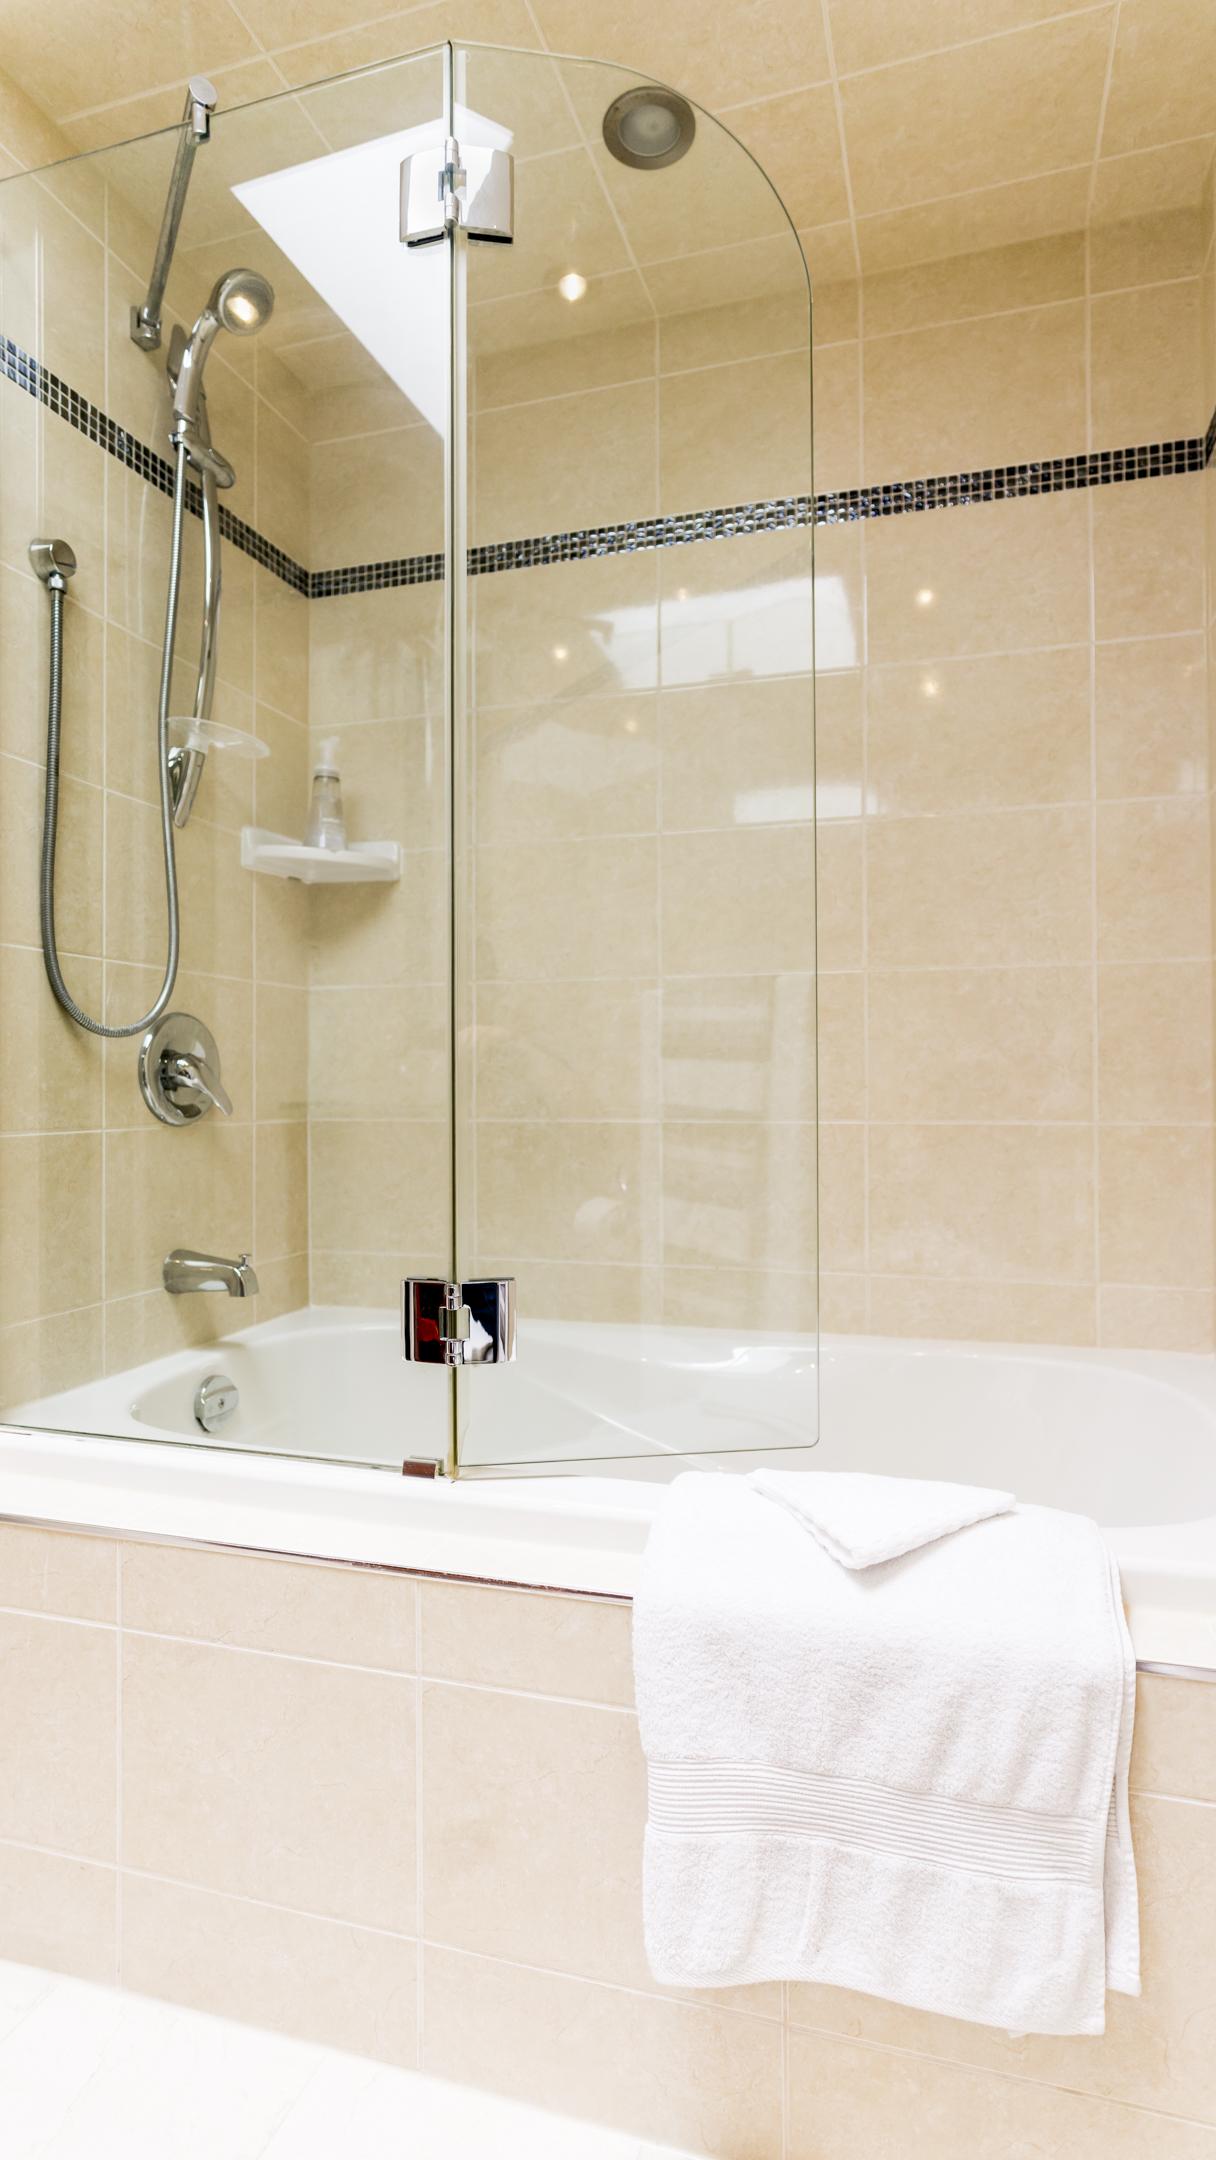 #16 - Bath - 80AdelaideTH6-80.jpg